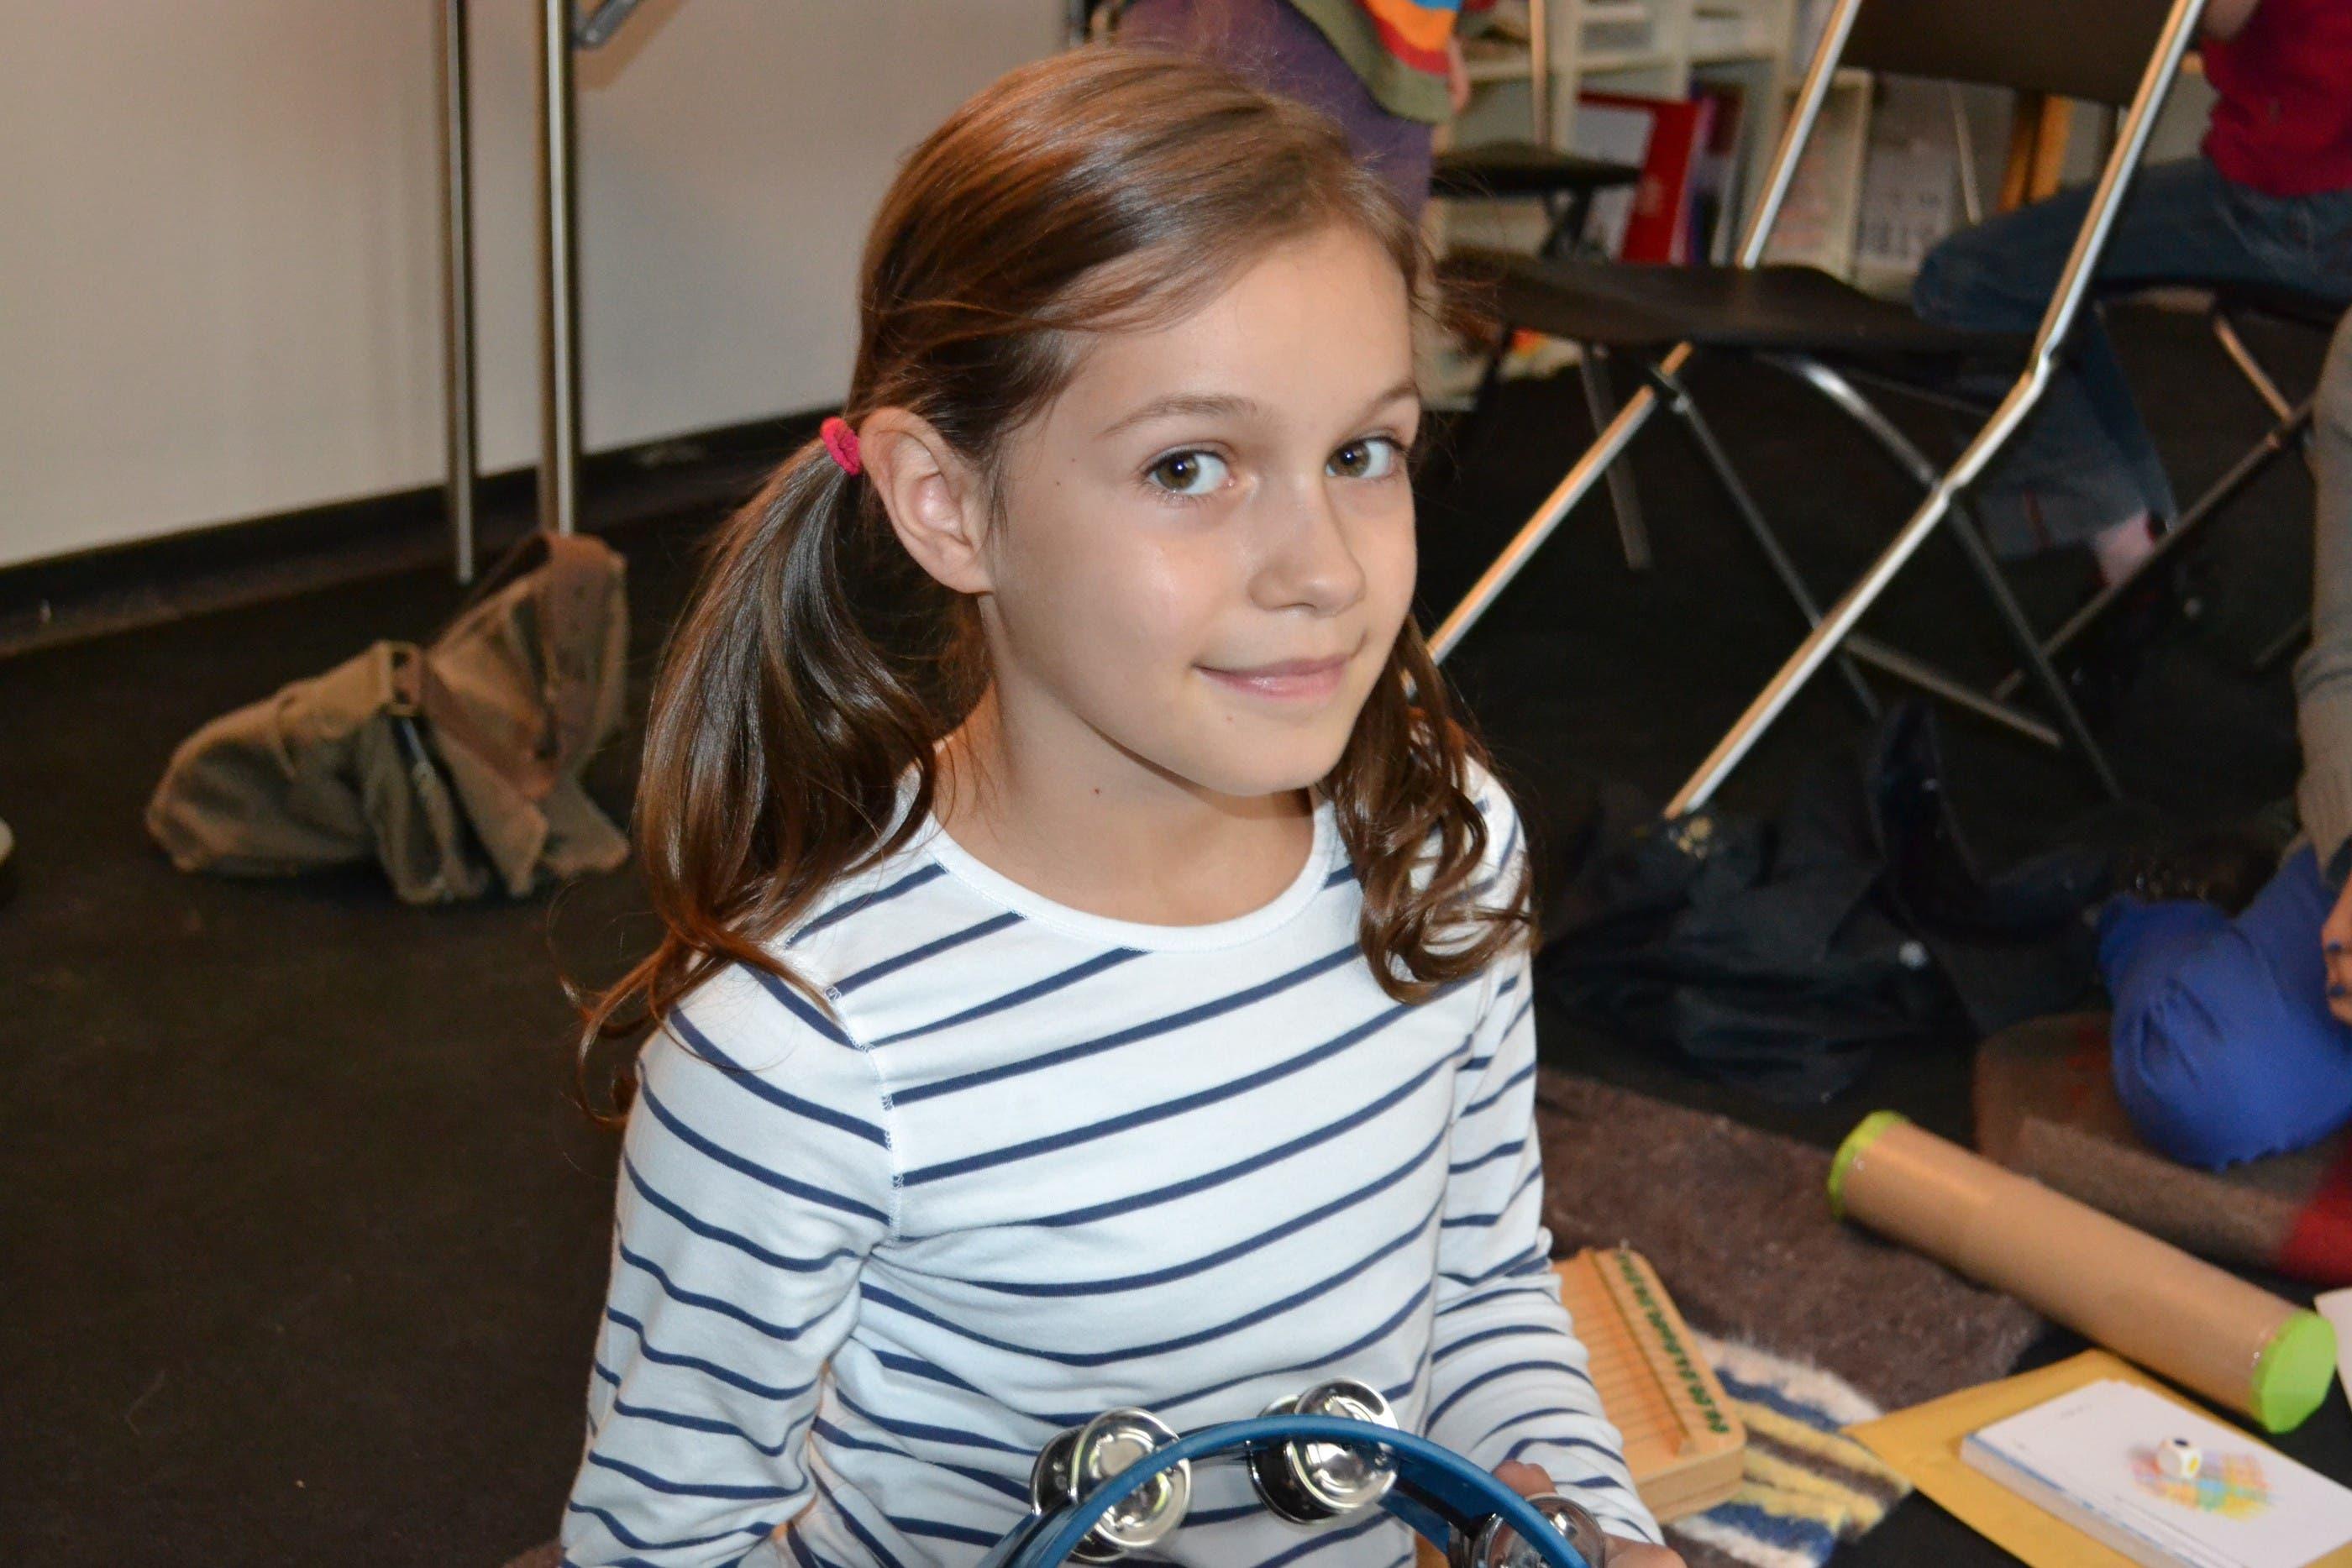 Leonie (9) «Hier ist alles freiwillig, das finde ich besonders toll. Ich kann immer selber entscheiden, ob ich bei einem Spiel mitmache oder nicht. Ausserdem finde ich den grossen Steinhaufen, der im grossen Saal liegt, sehr faszinierend. Am besten gefallen hat mir das Tisch-Gipsen.»